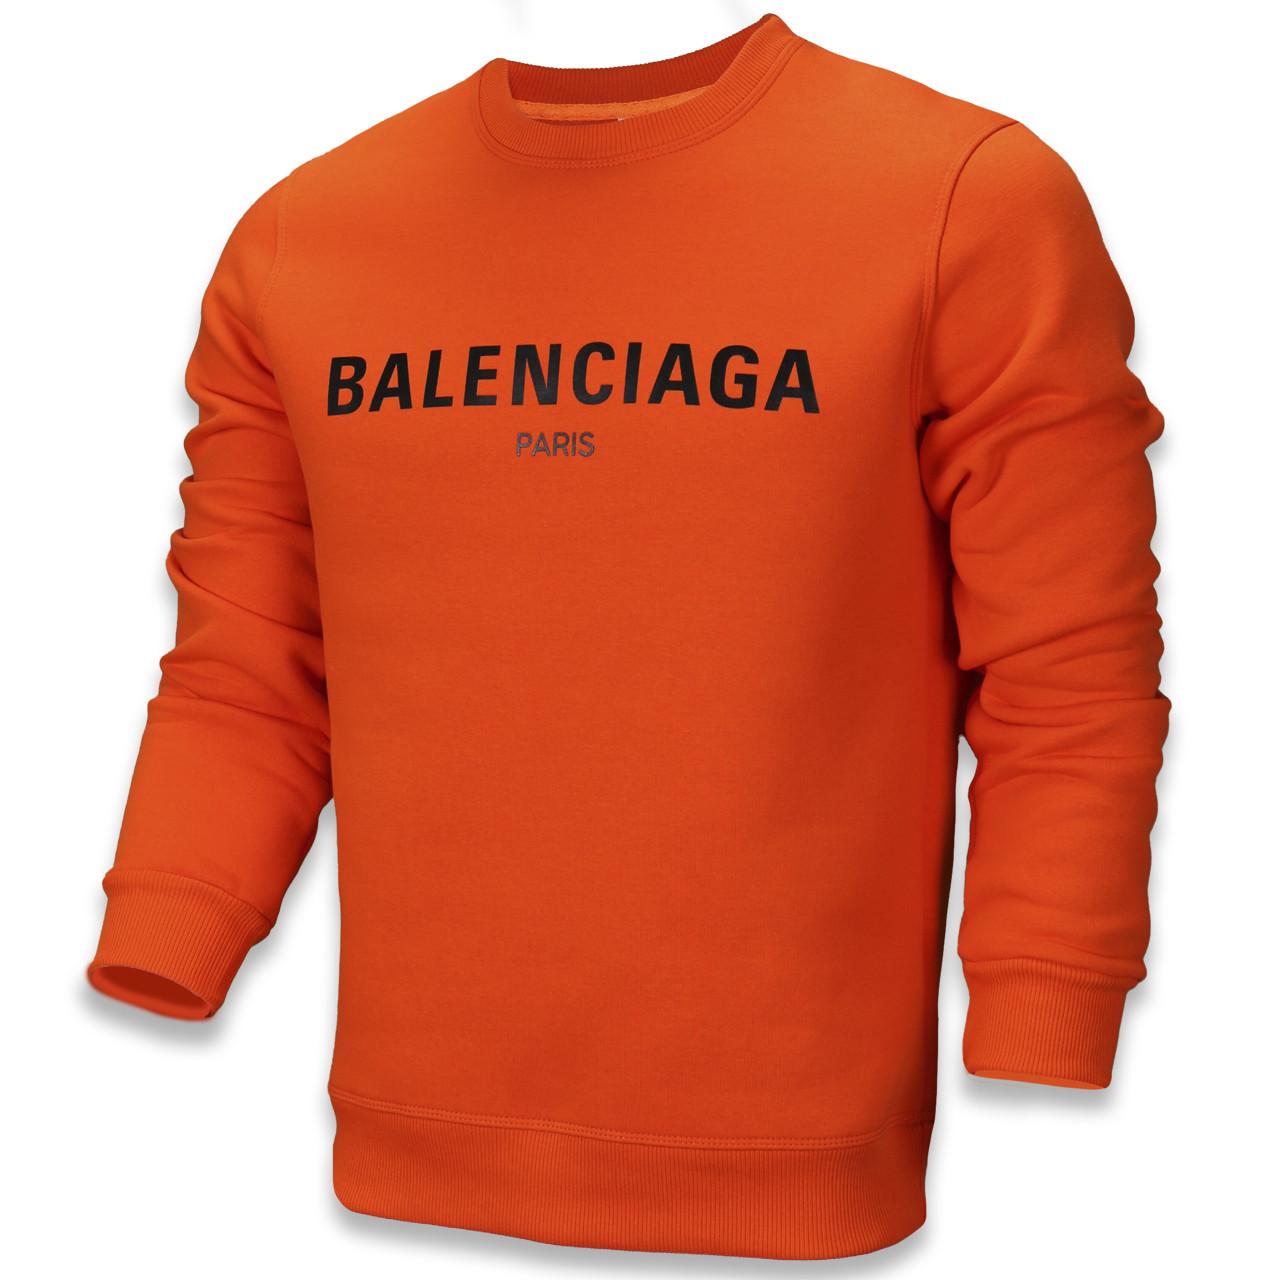 Свитшот осень-зима мужской оранжеый BALENCIAGA с принтом ORN L(Р) 20-510-003